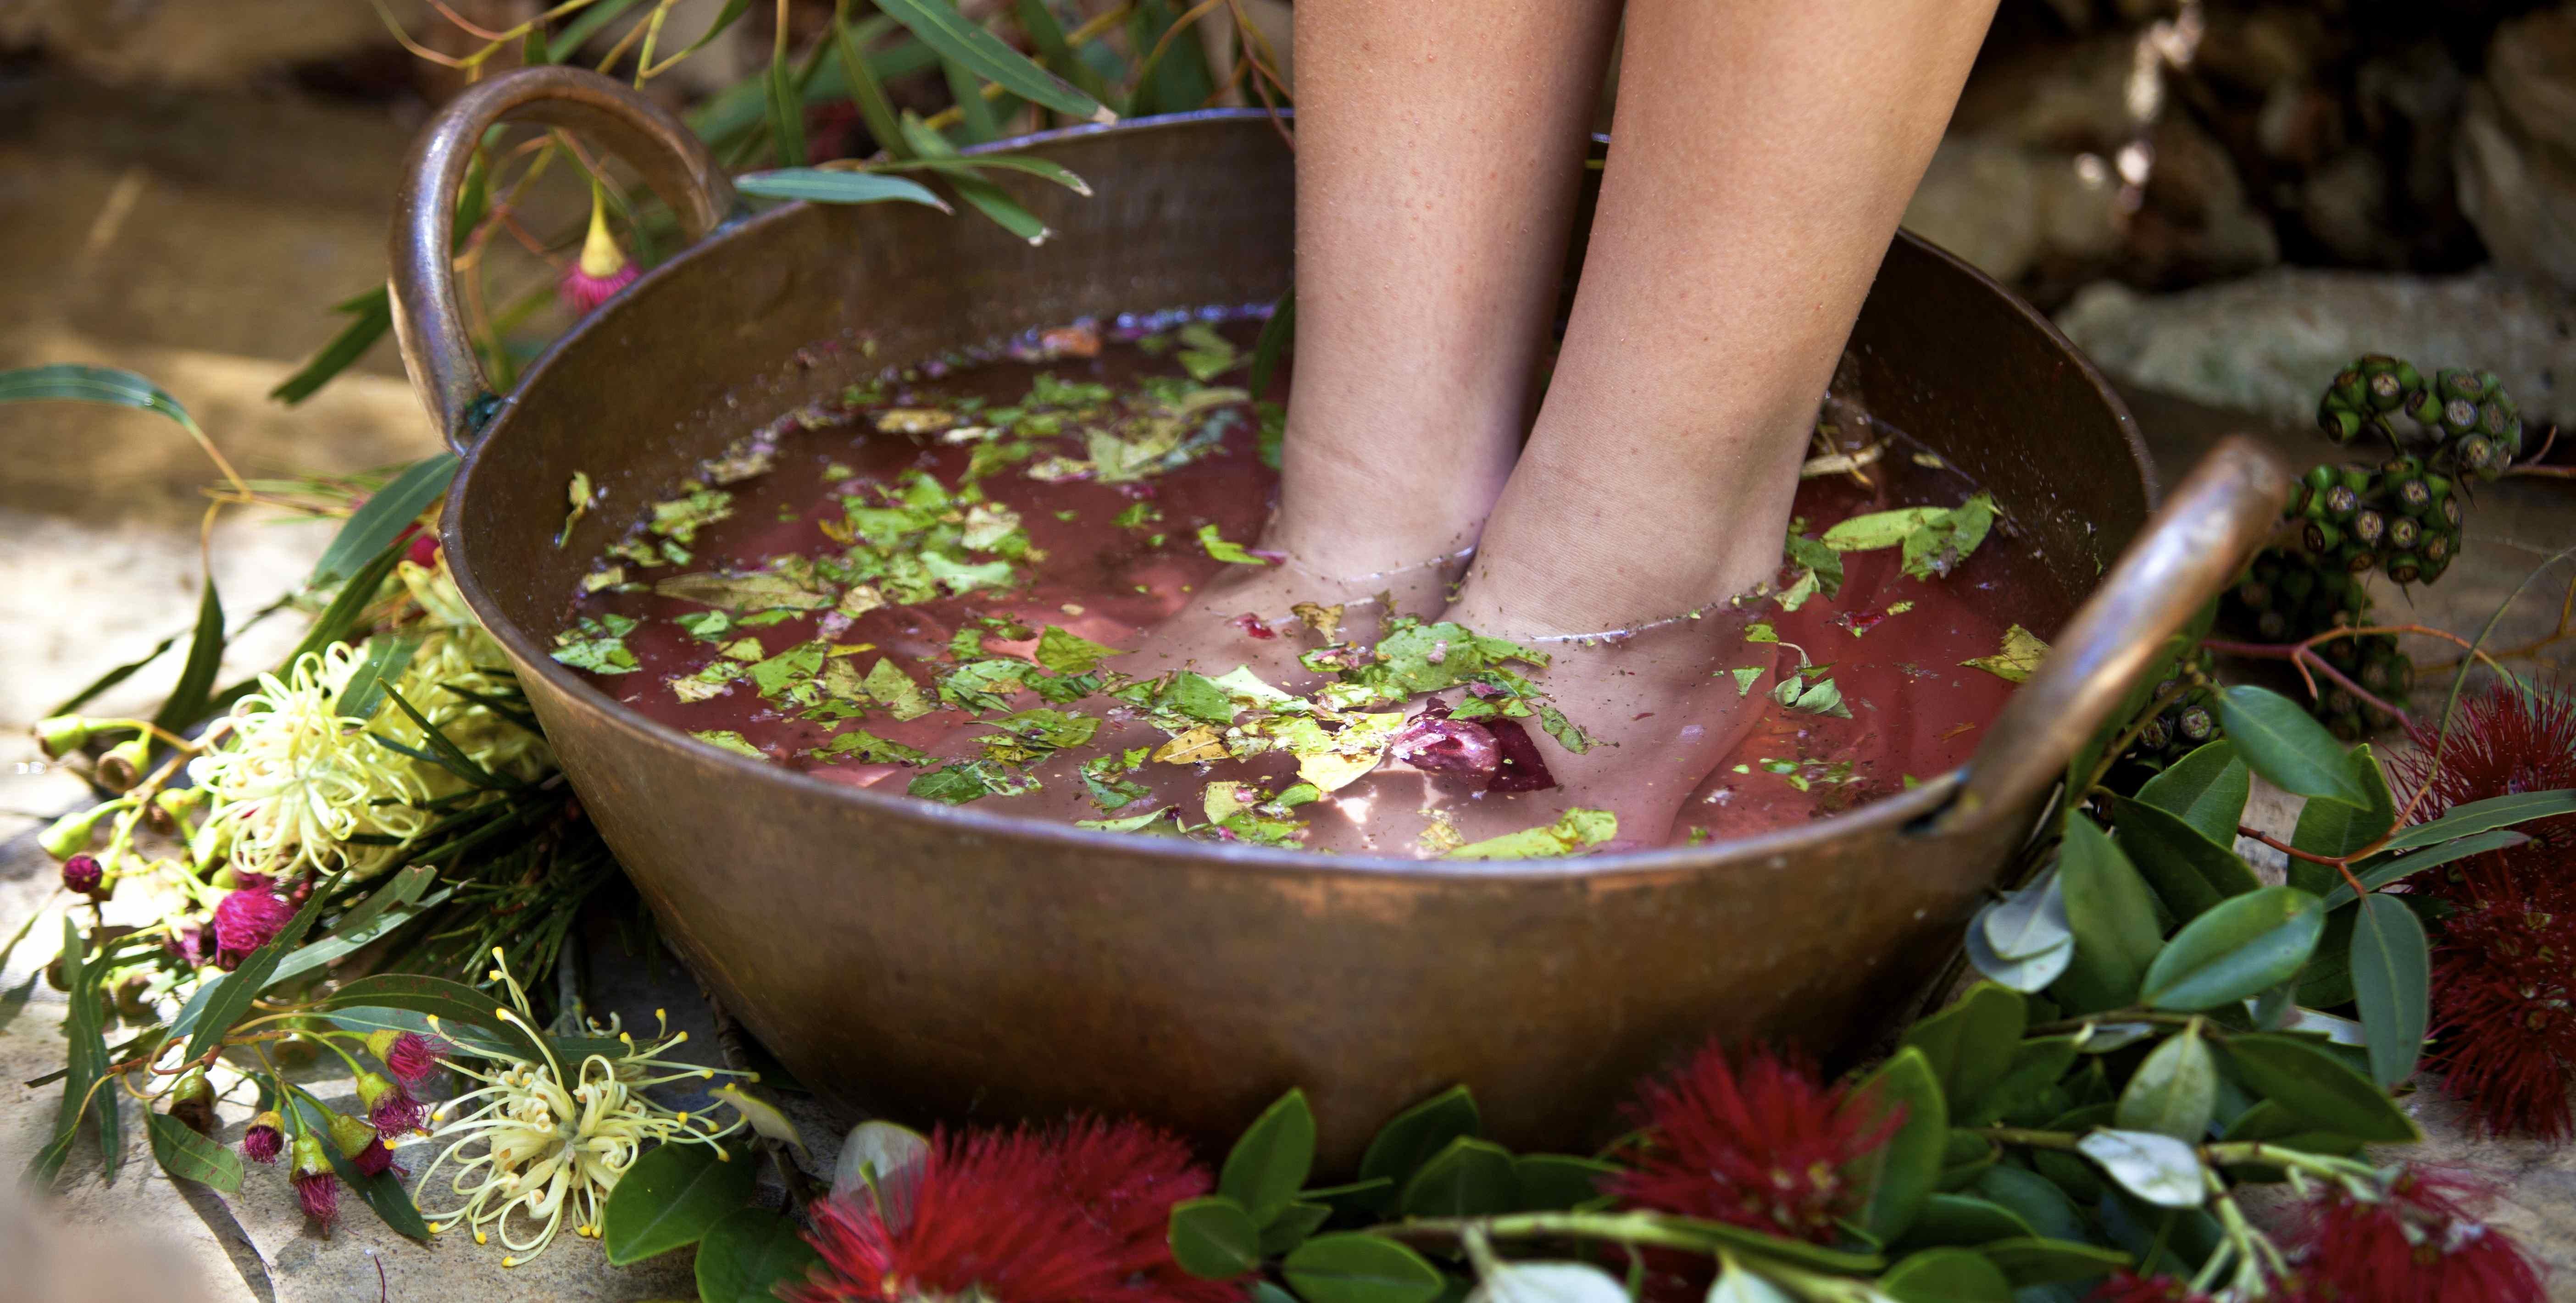 冬季泡腳加桂皮 每天晚上泡腳時,加入適量的花椒、桂皮,可以促進血液循環,消除水腫。